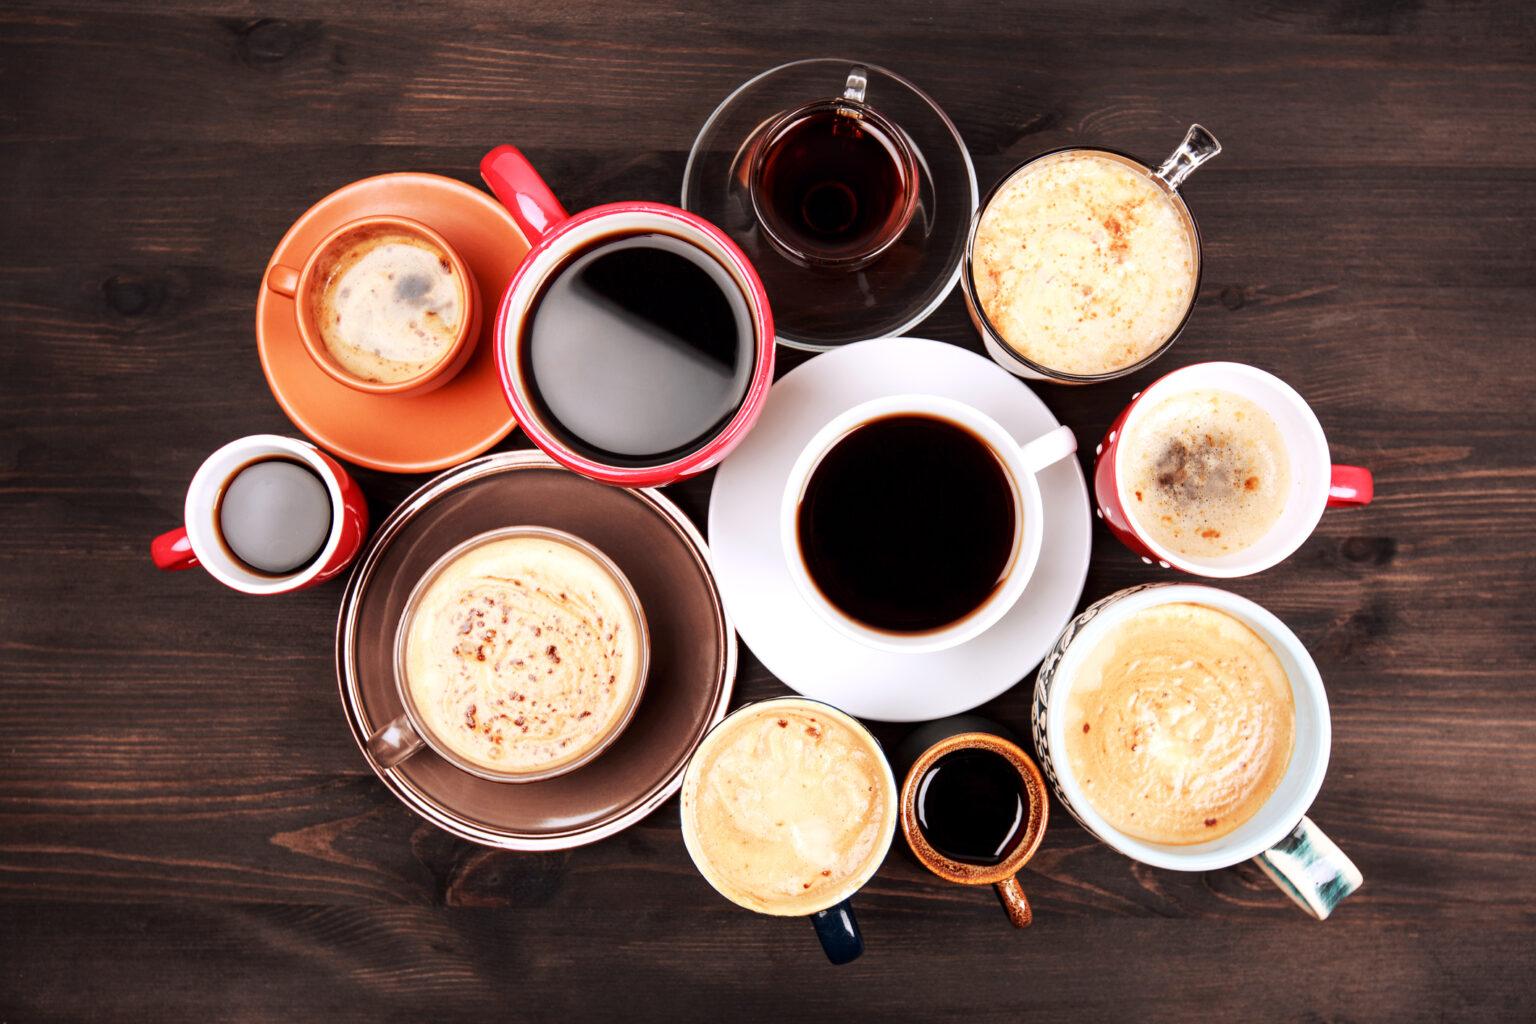 café, pode cortar o efeito da creatina